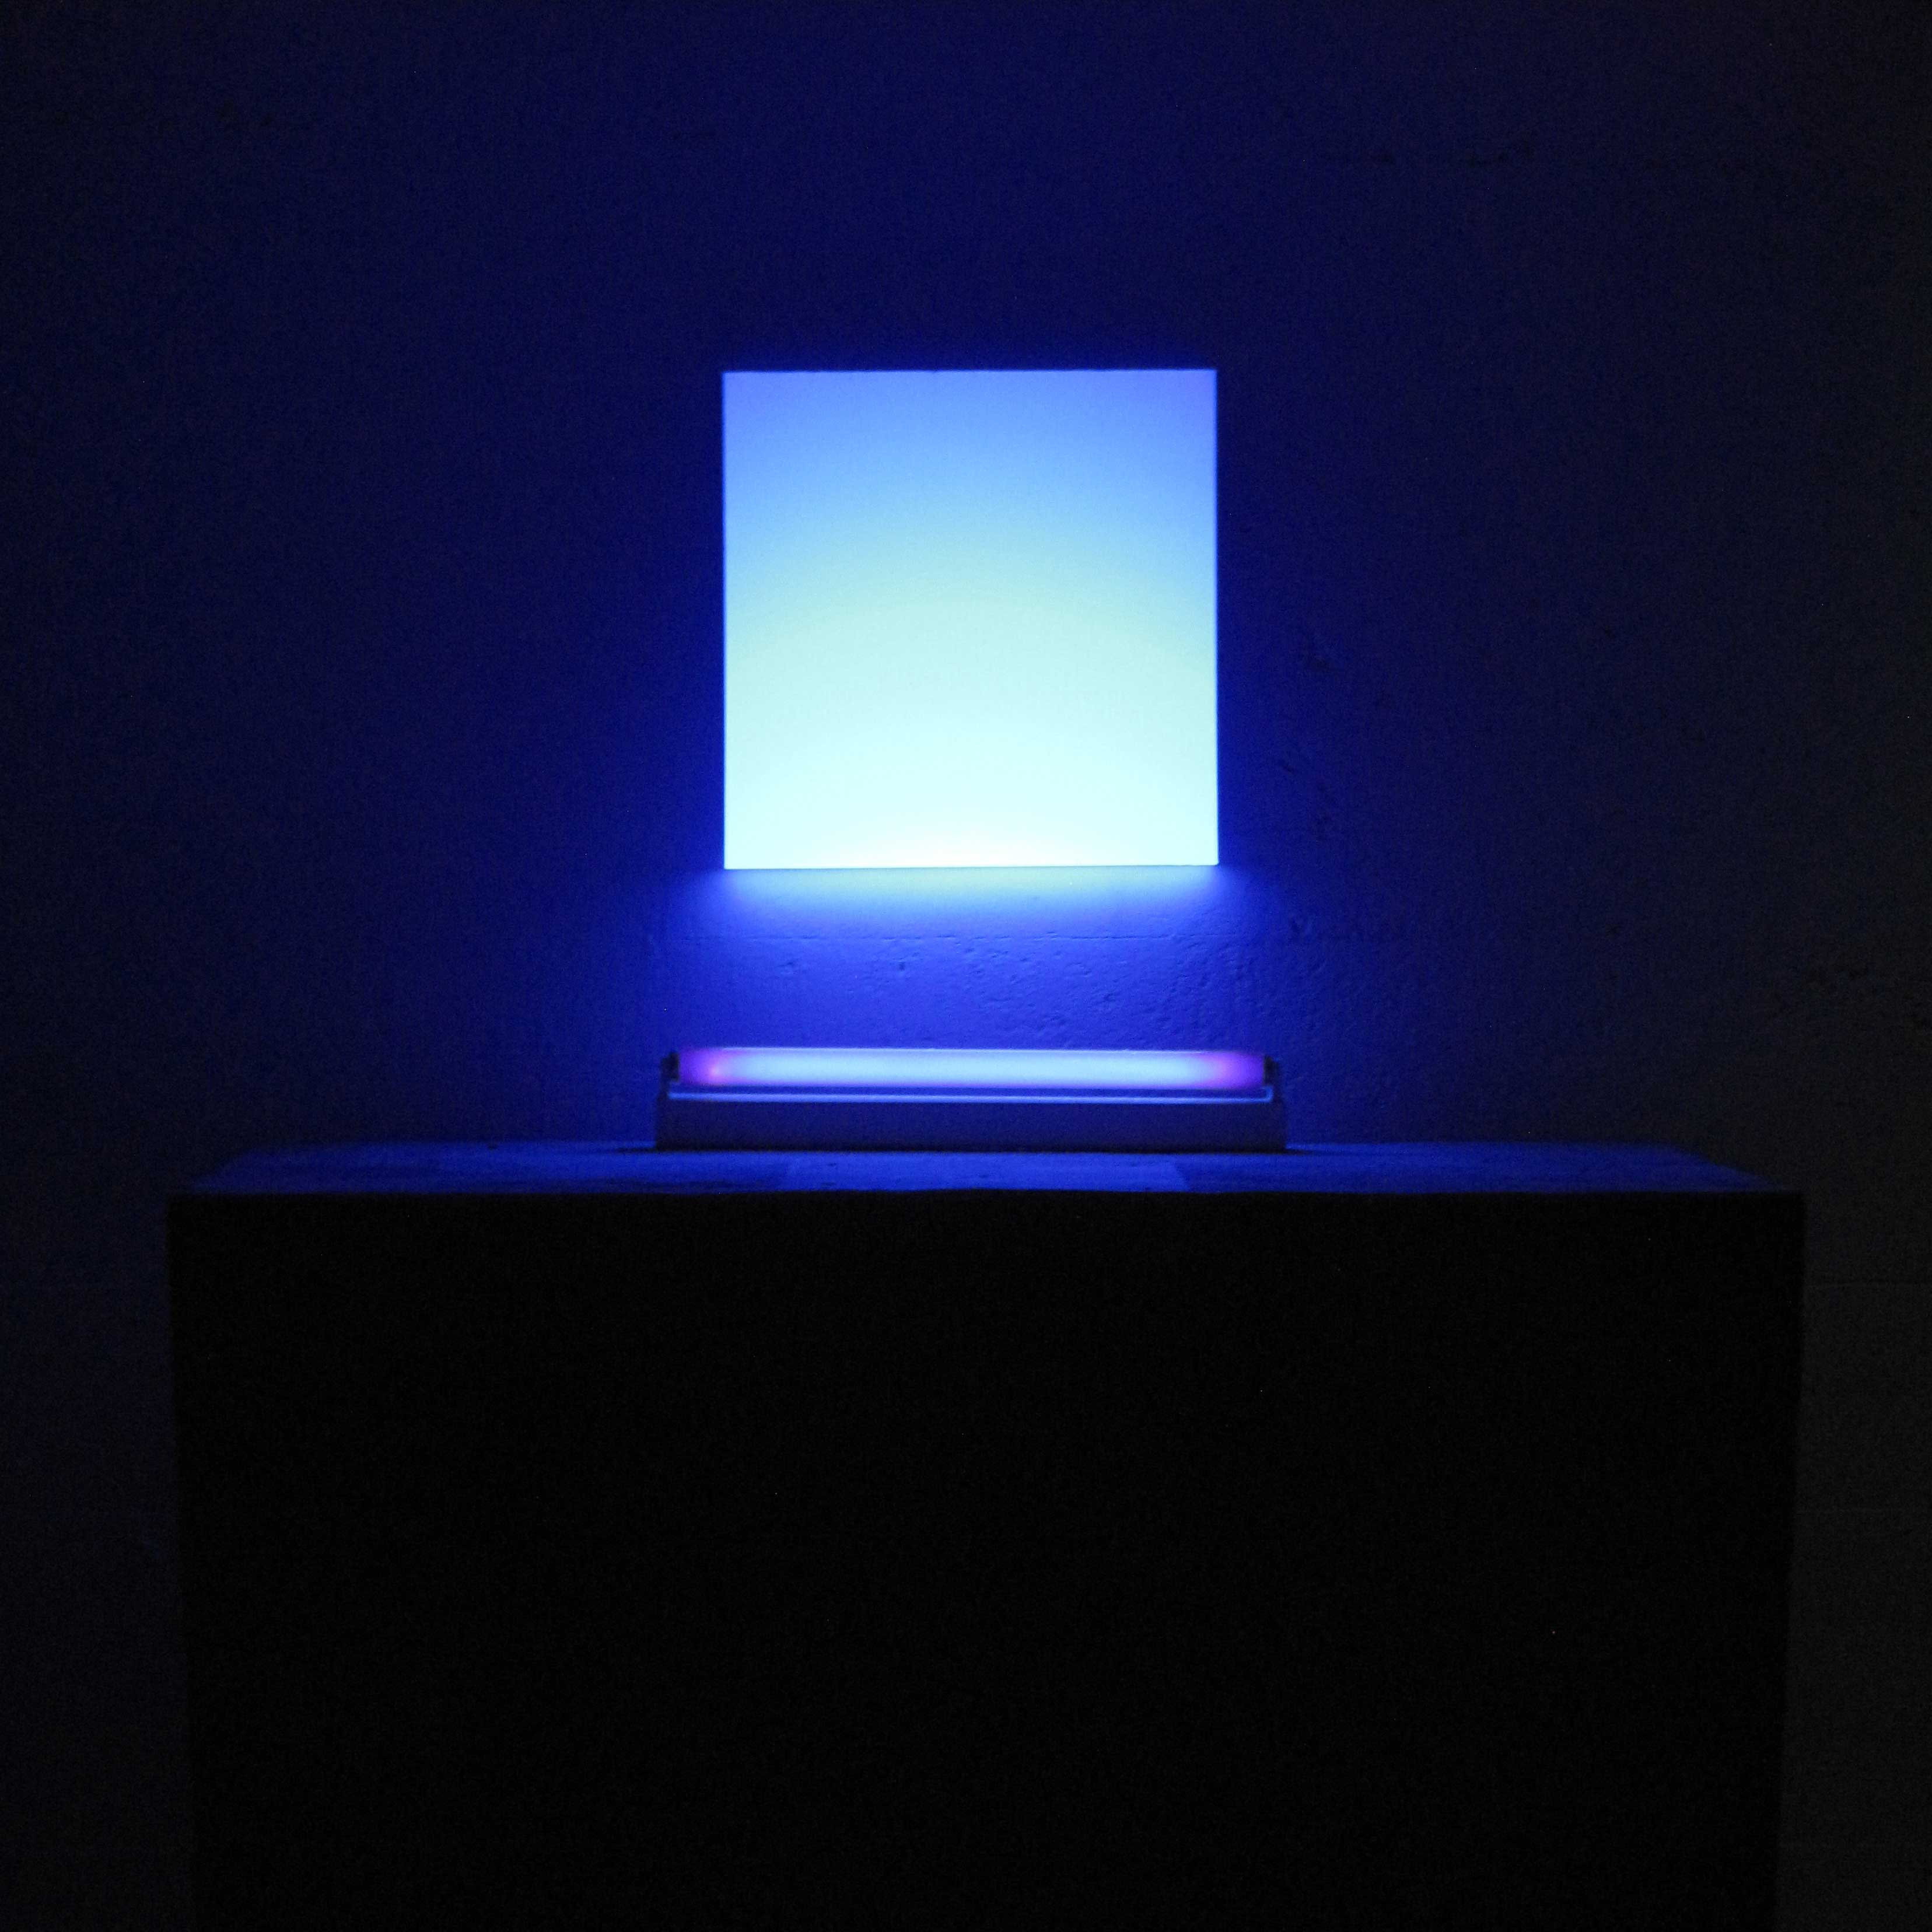 @Eric Michel, lumière fluo, 2017